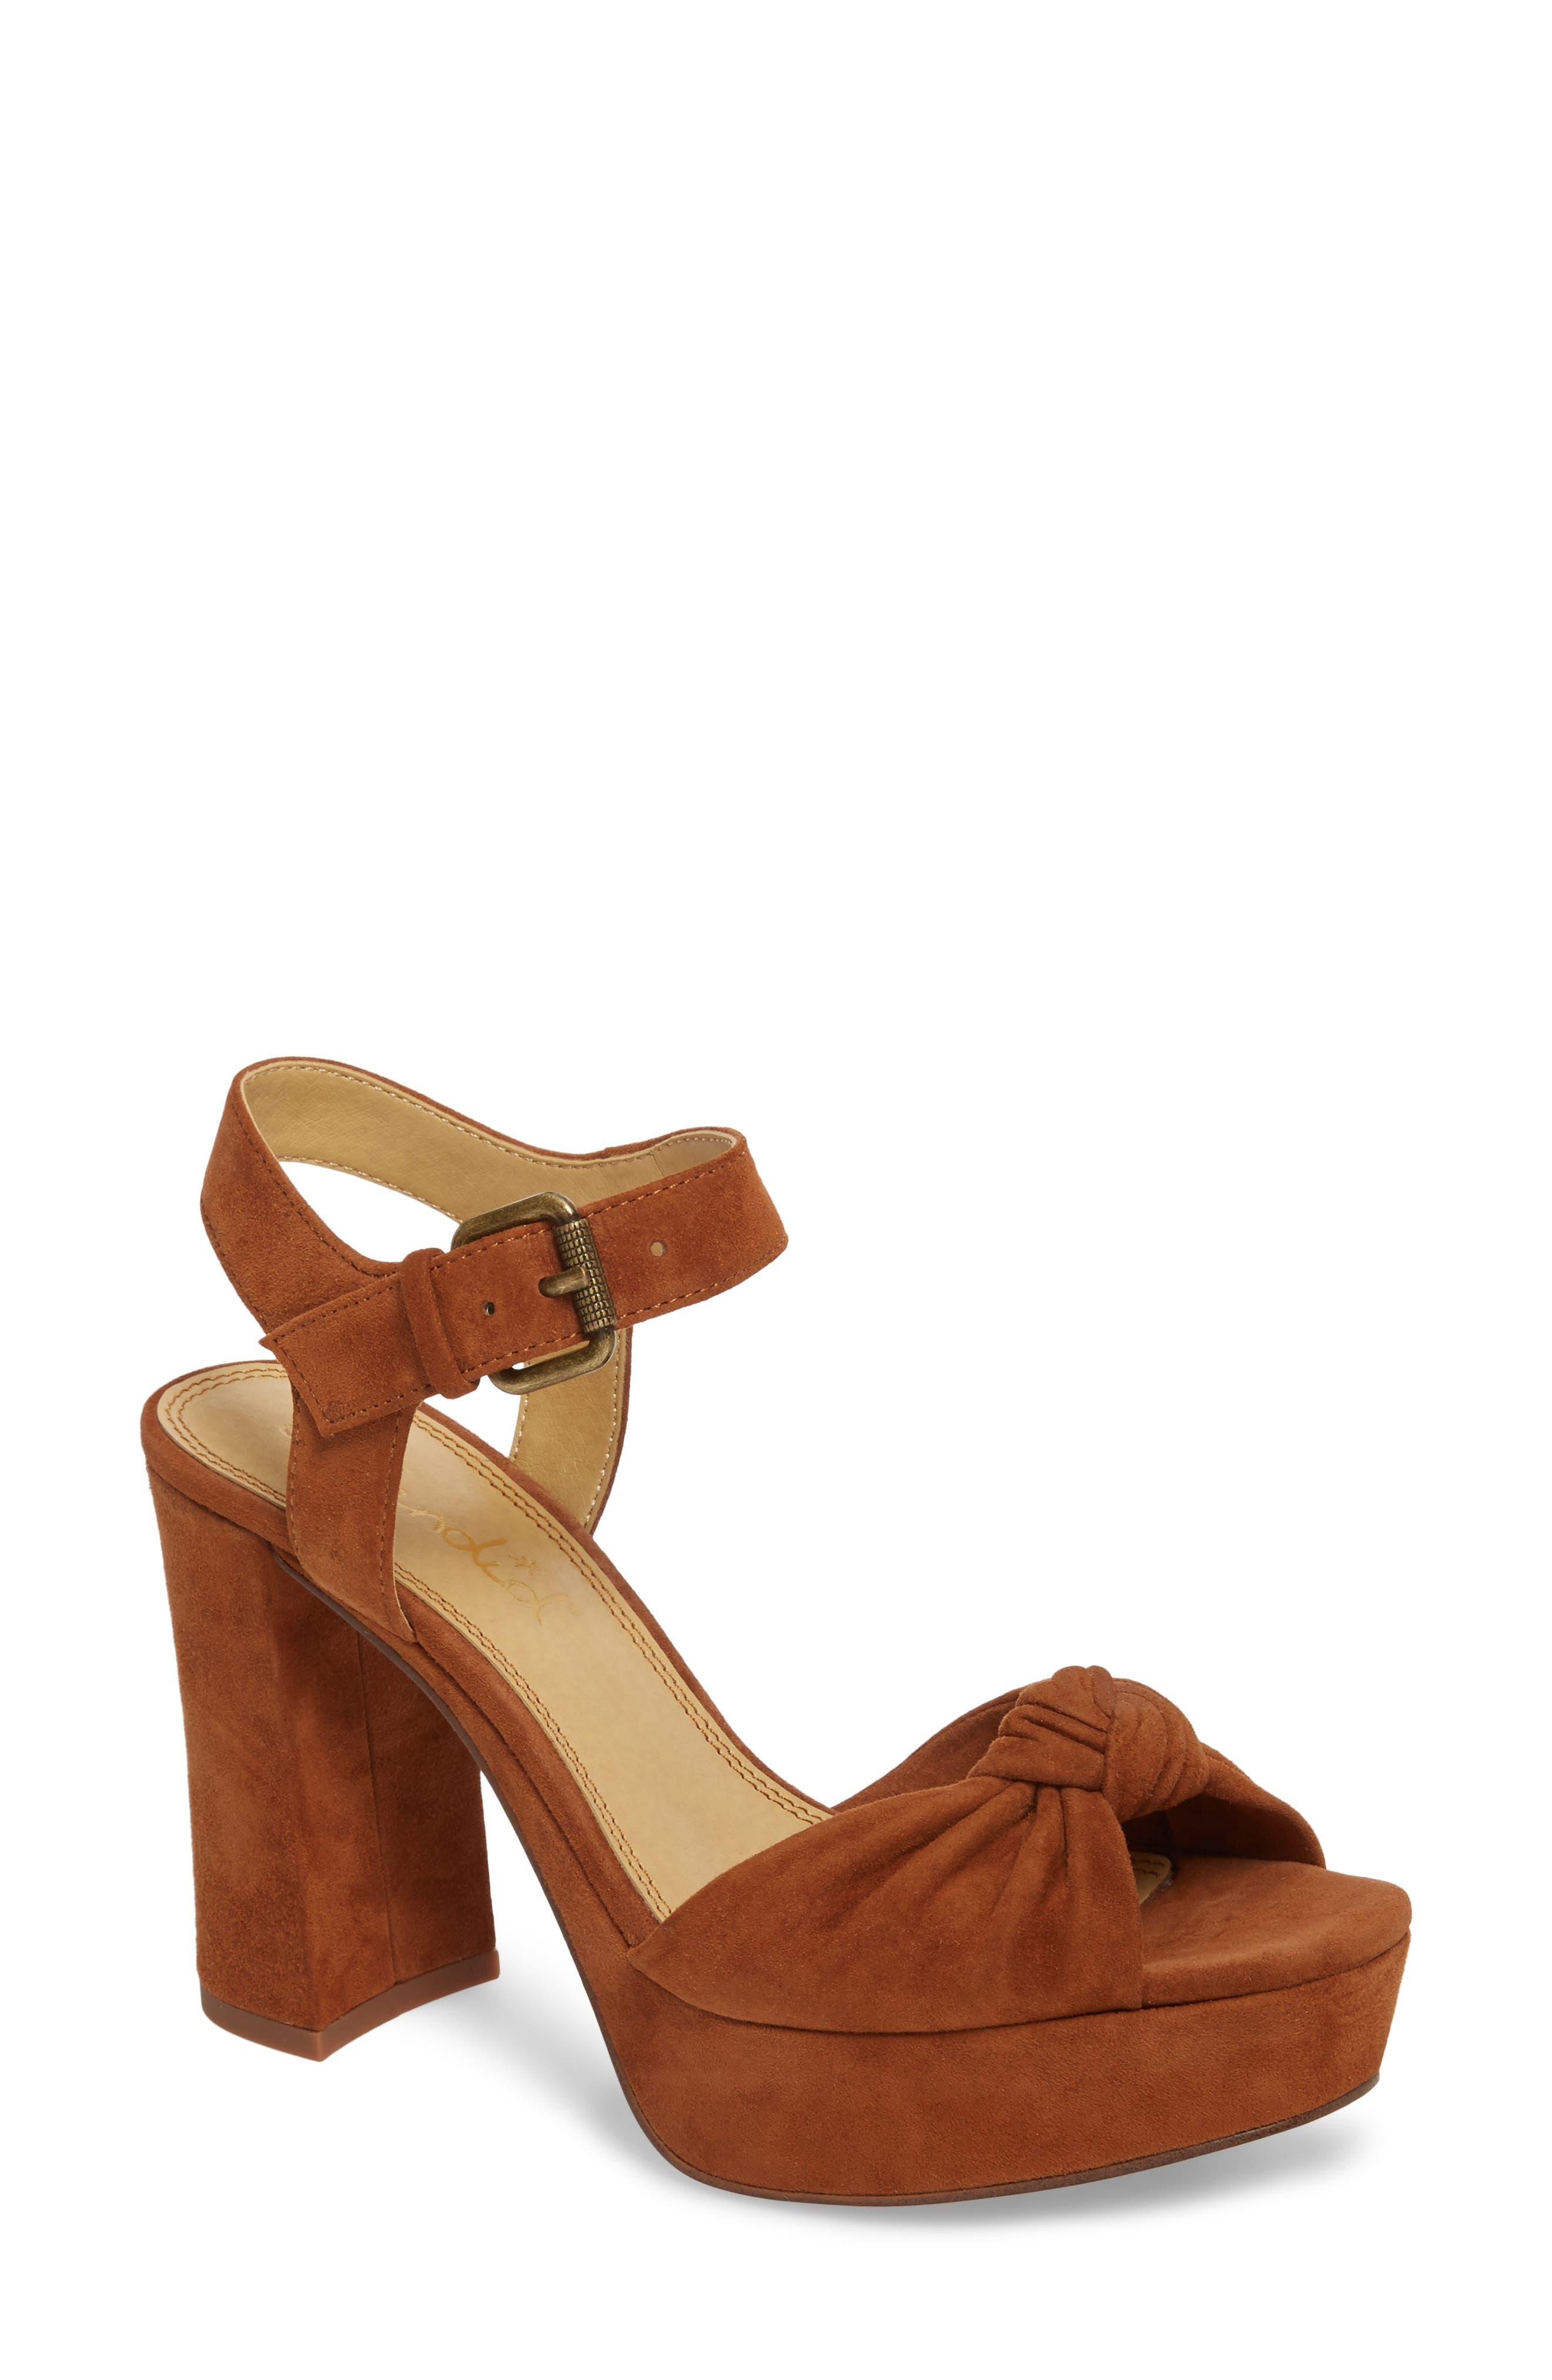 Bates Platform Sandal,                         Main,                         color, Caramel Suede